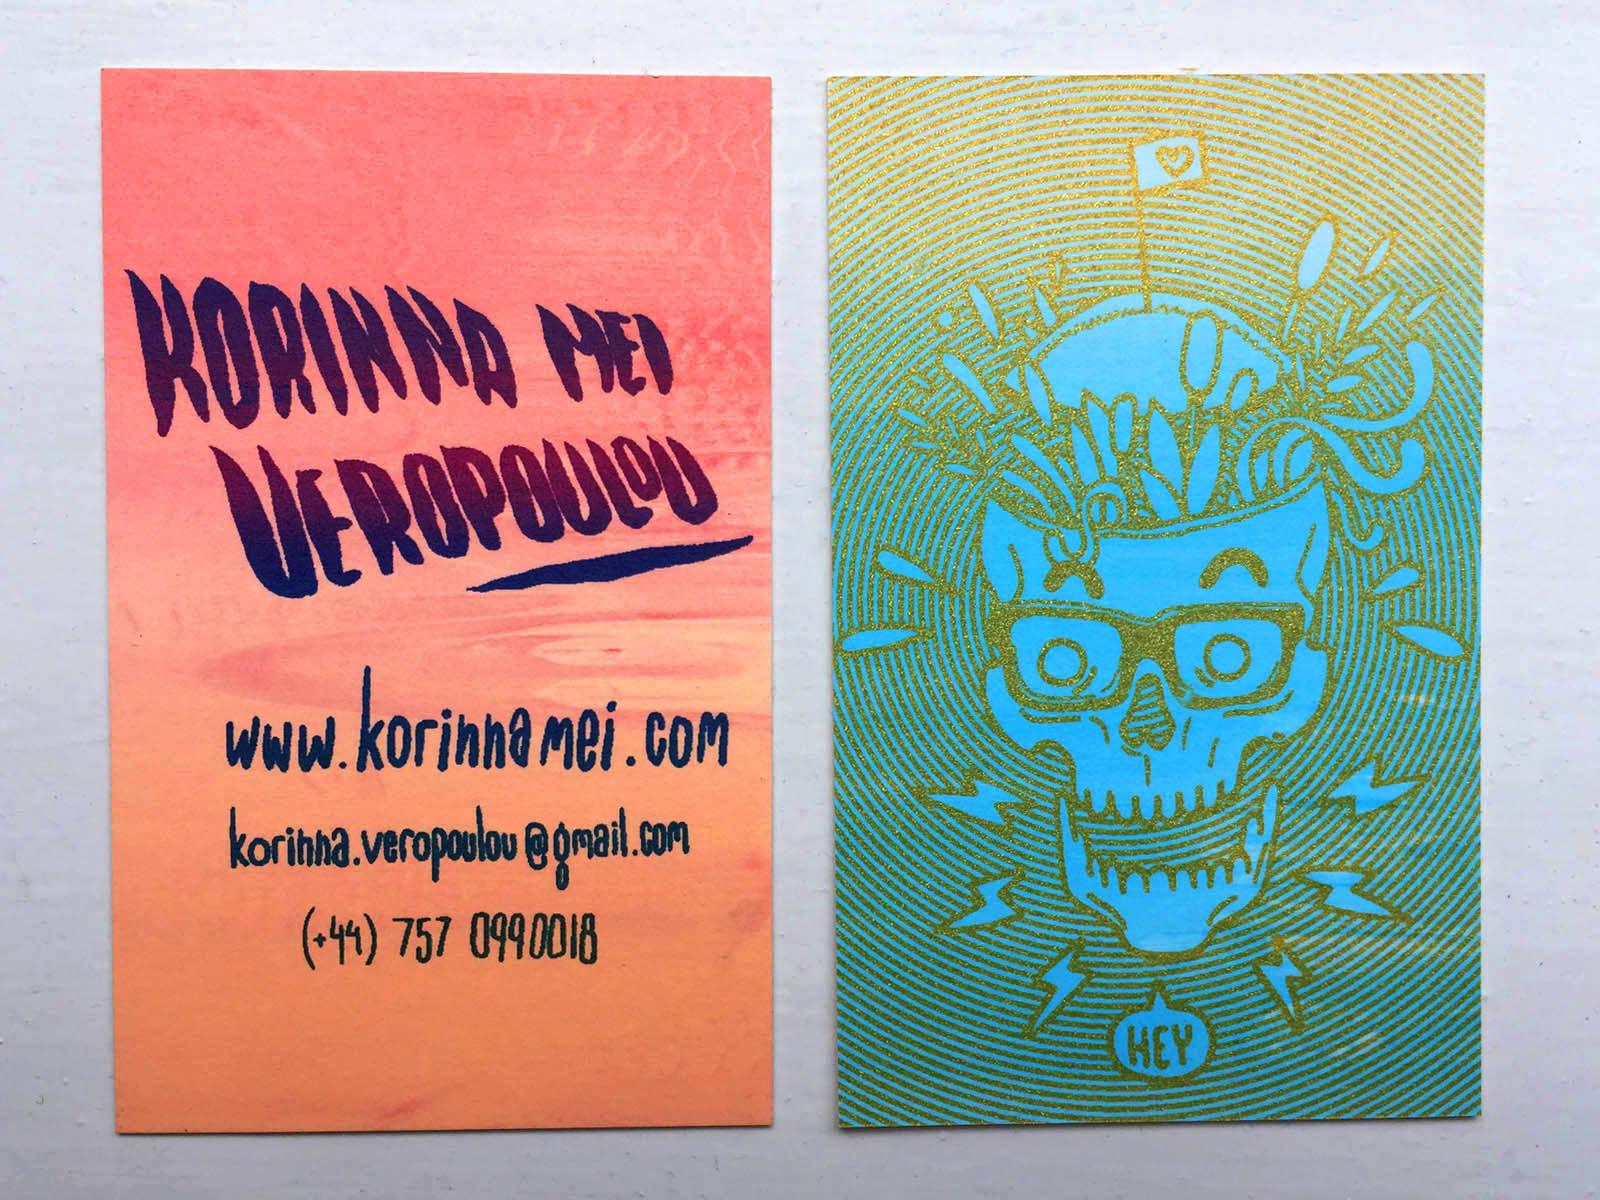 korinna veropoulou - Random Business Cards